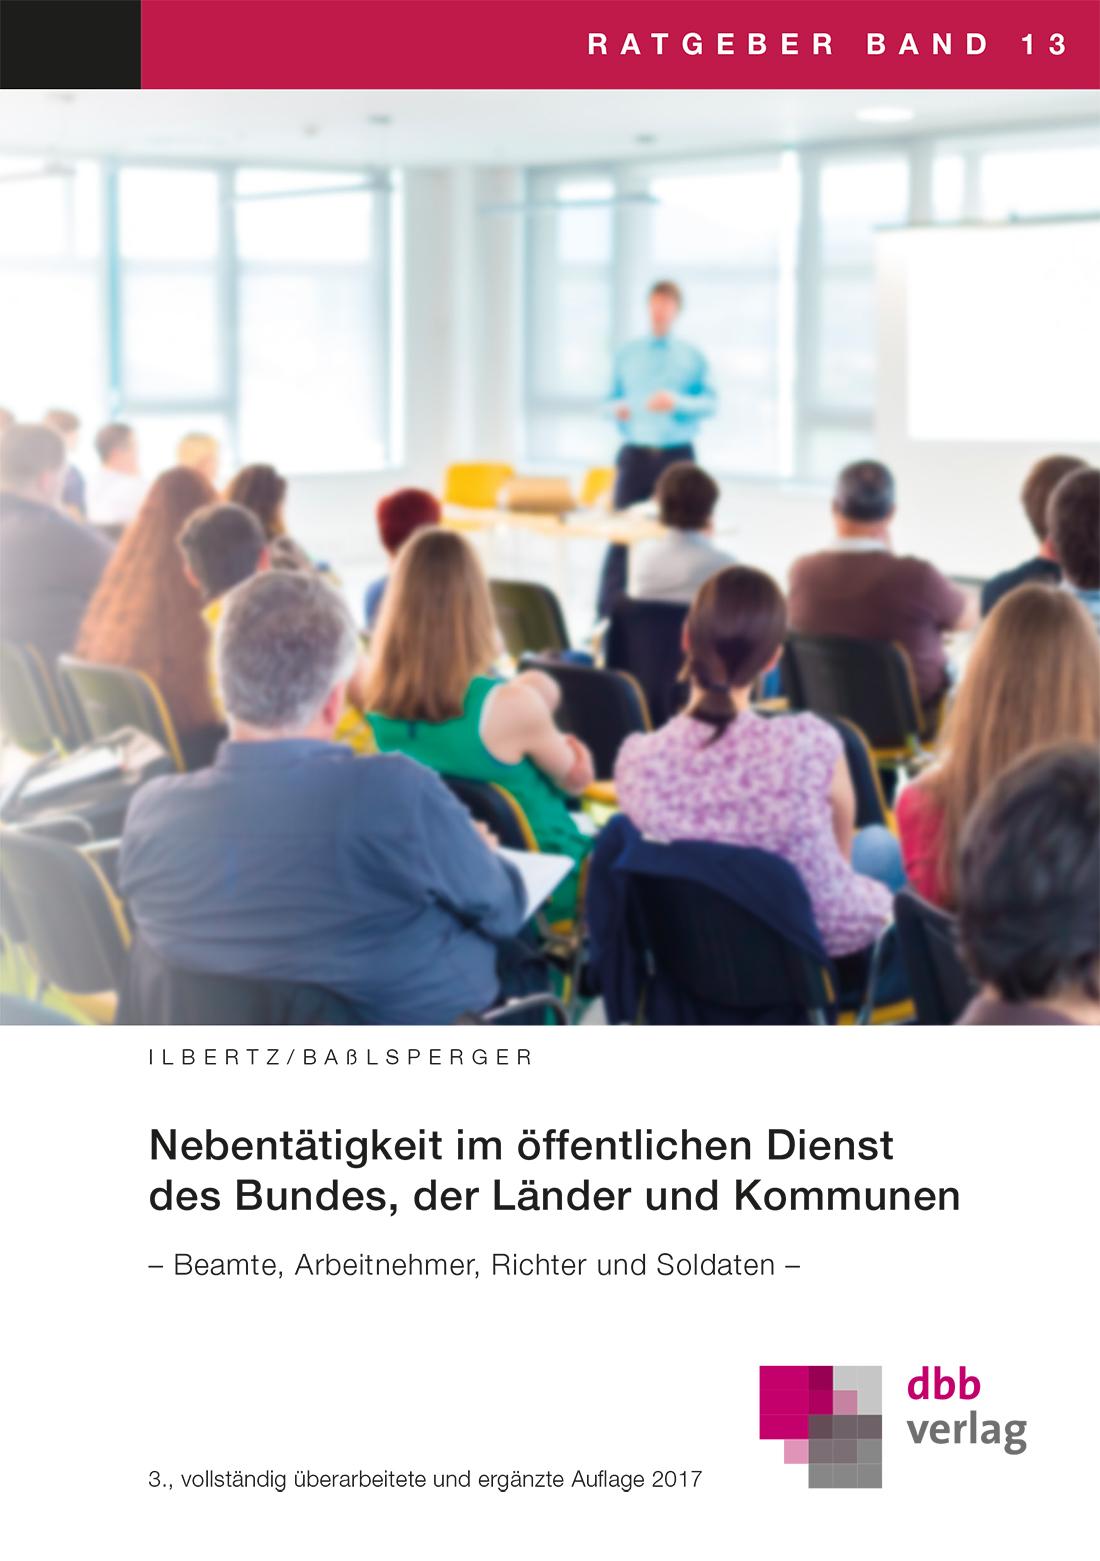 Nebentätigkeit im öffentlichen Dienst des Bundes, der Länder und Kommunen © DBB Verlag GmbH